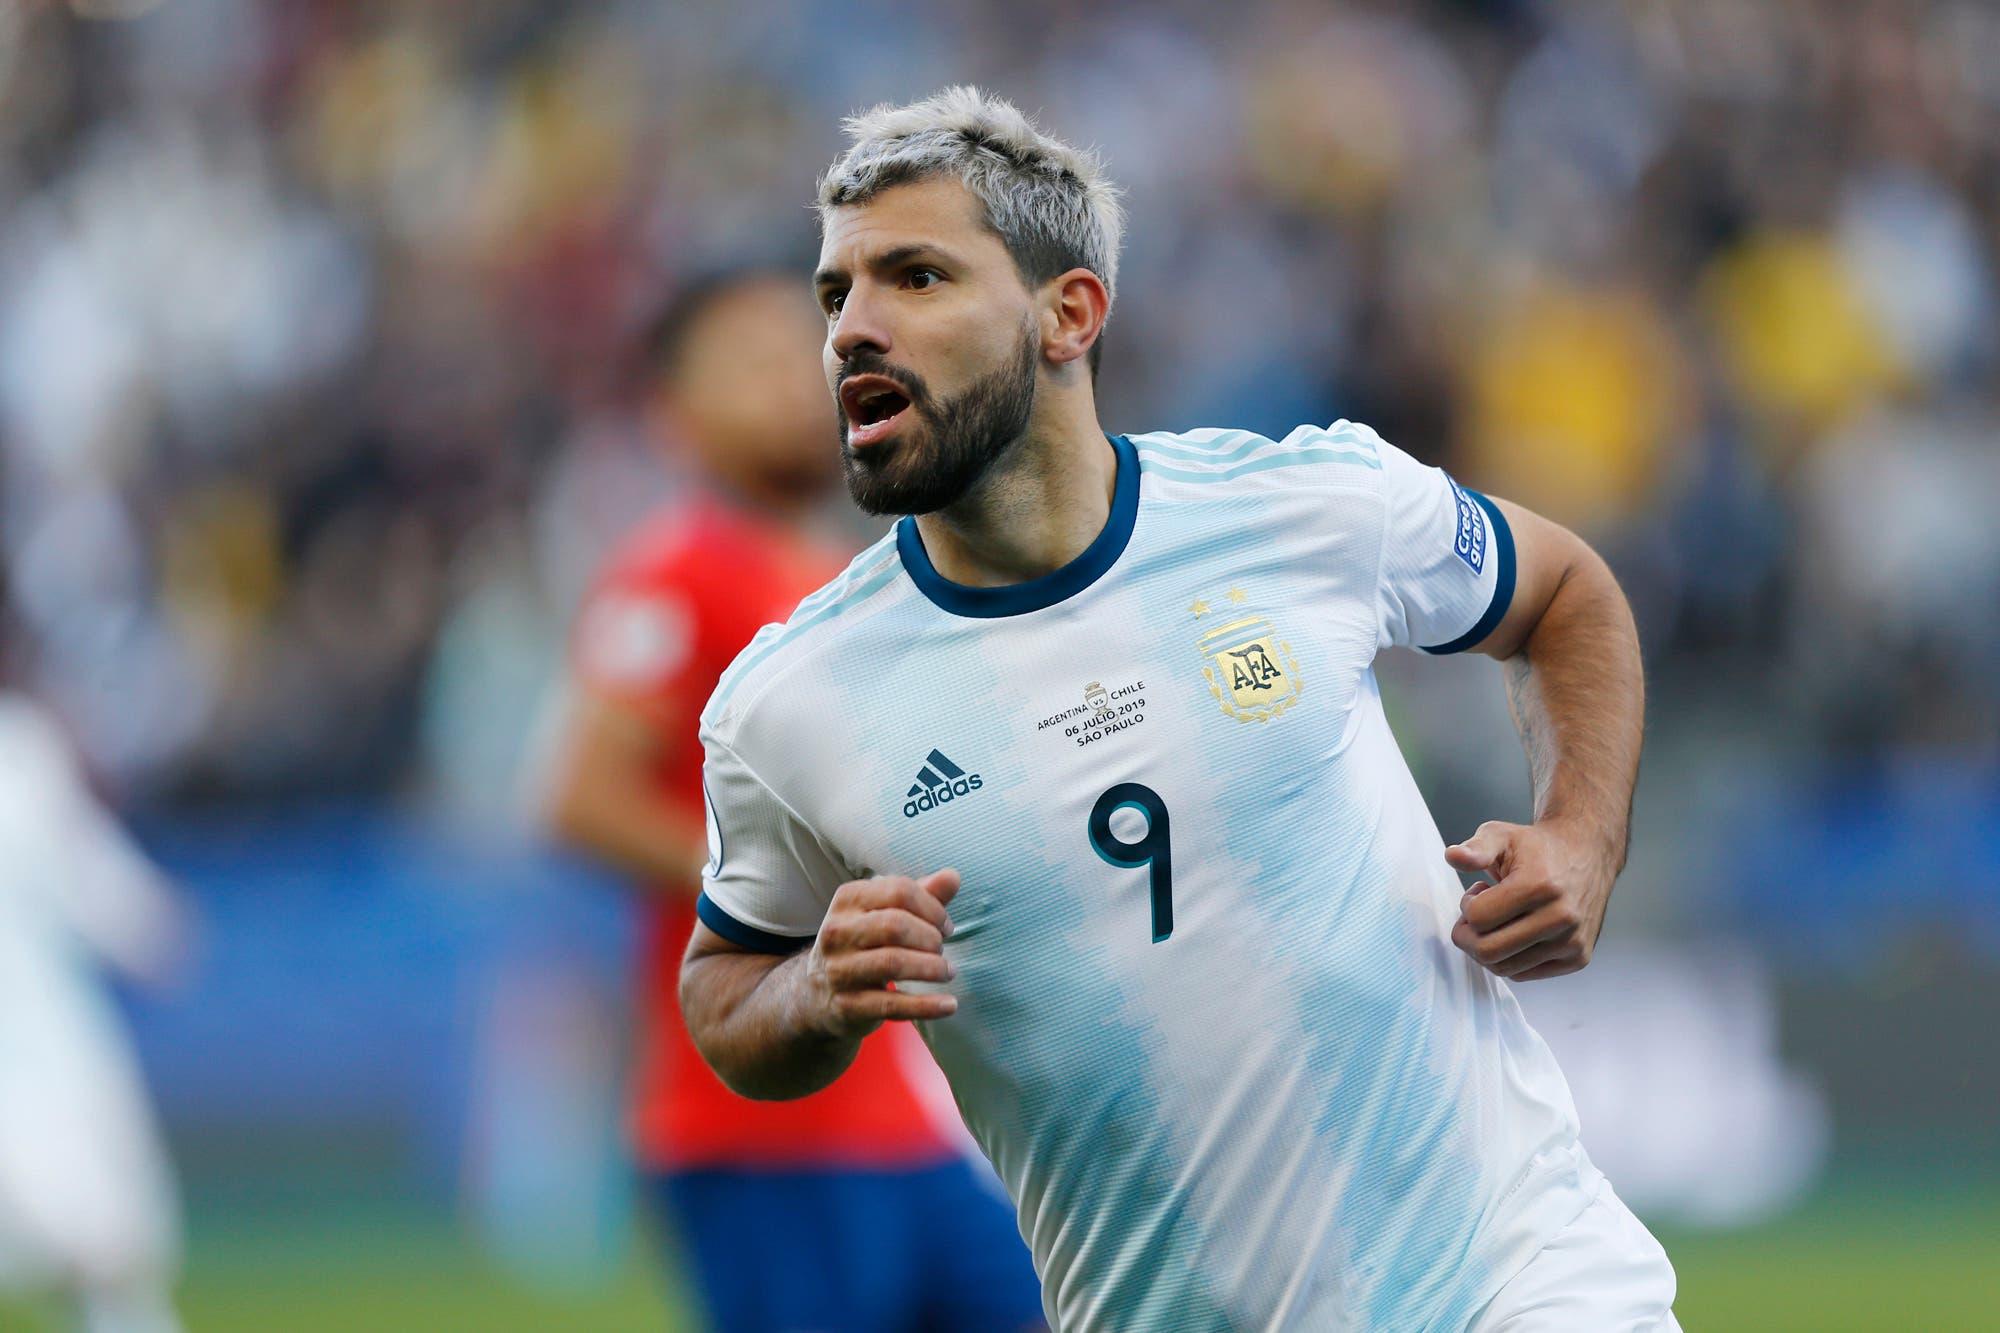 Copa América: Messi, Agüero y Dybala, las tres luces del semáforo de la selección ante Chile